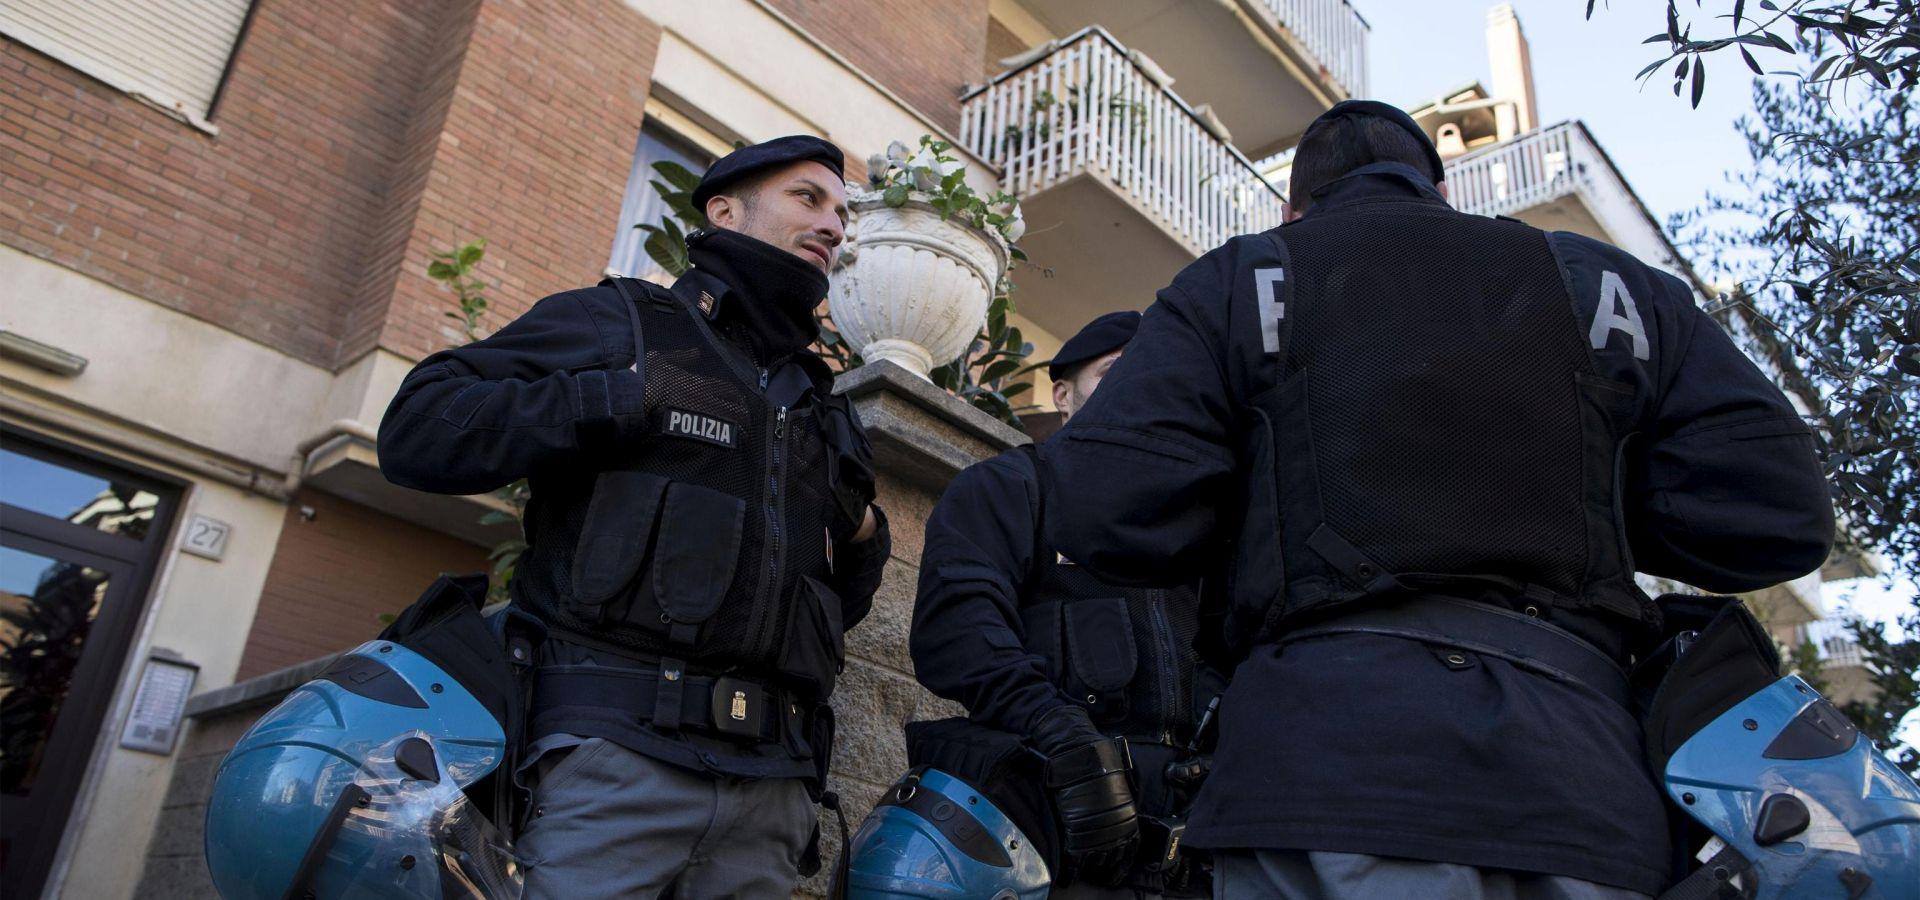 ITALIJA Petero ljudi poginulo tijekom izleta